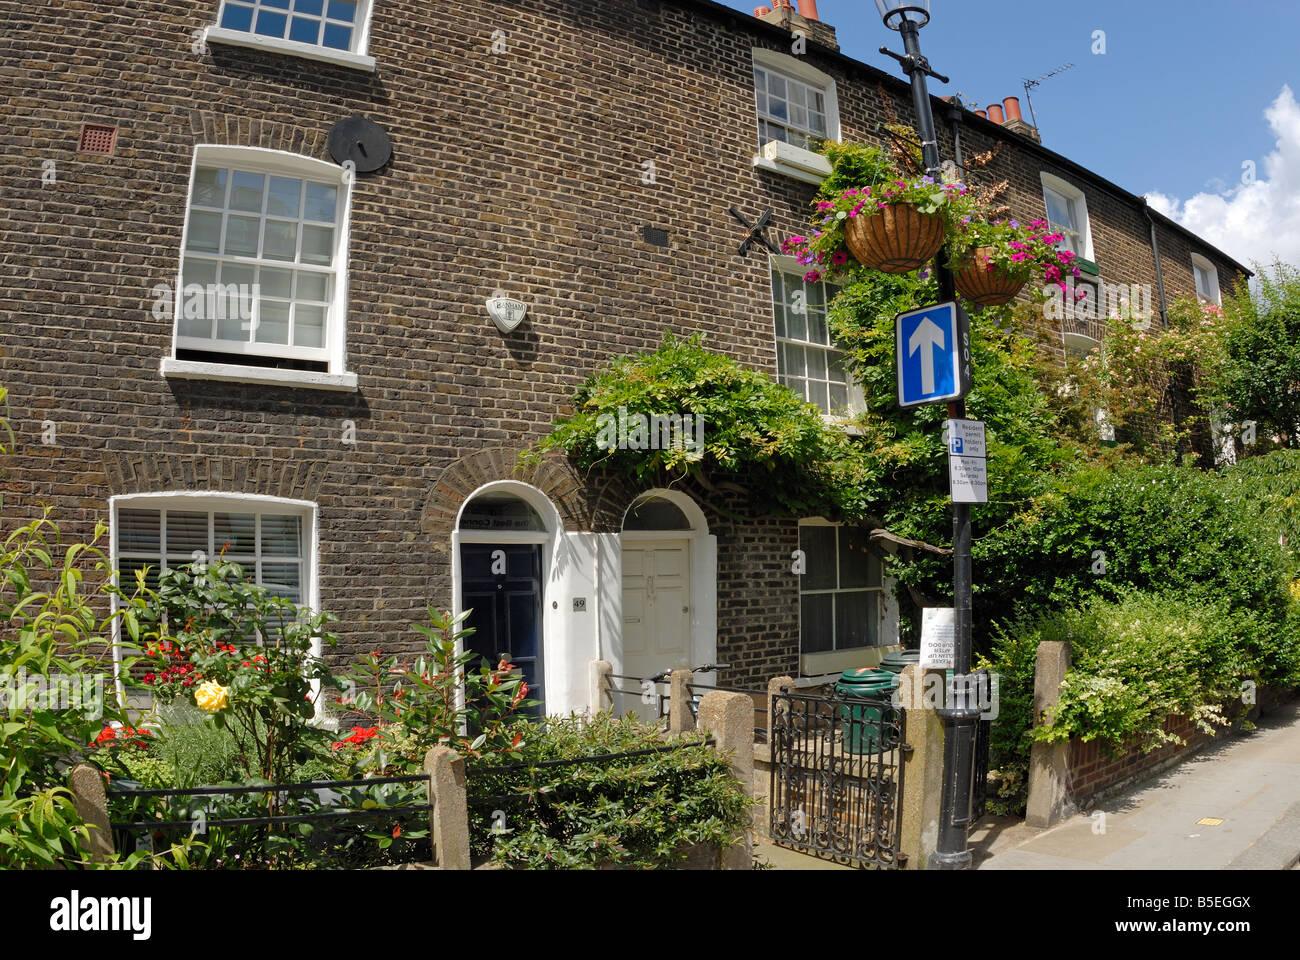 Landhausstil Häuser In Earls Court London Stockfoto Bild 20603994